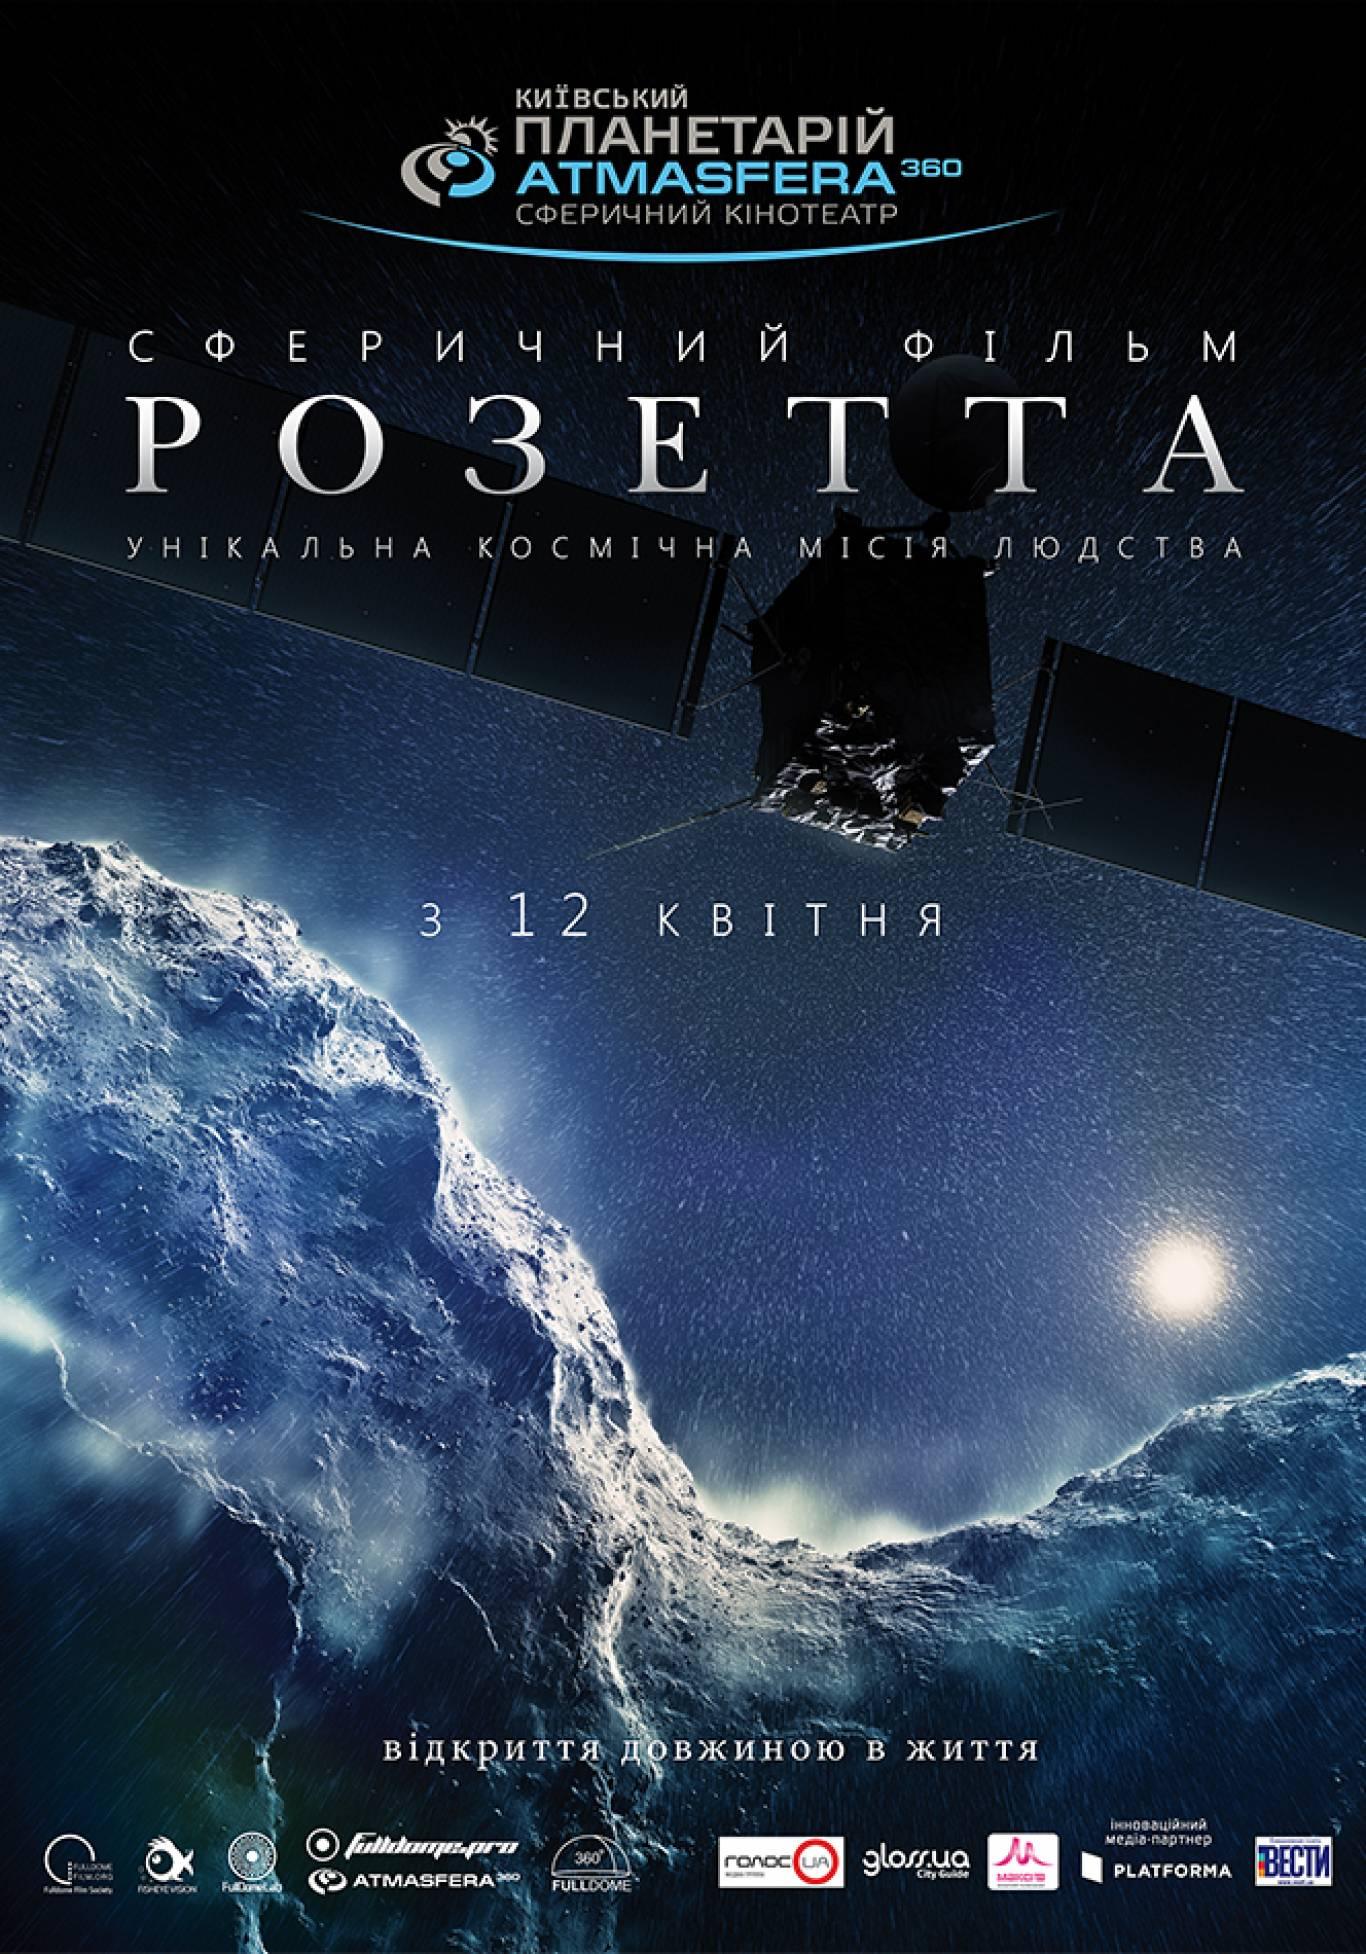 """Кінопрем'єра """"Розетта. Відкриття довжиною в життя"""" в """"ATMASFERA 360"""""""